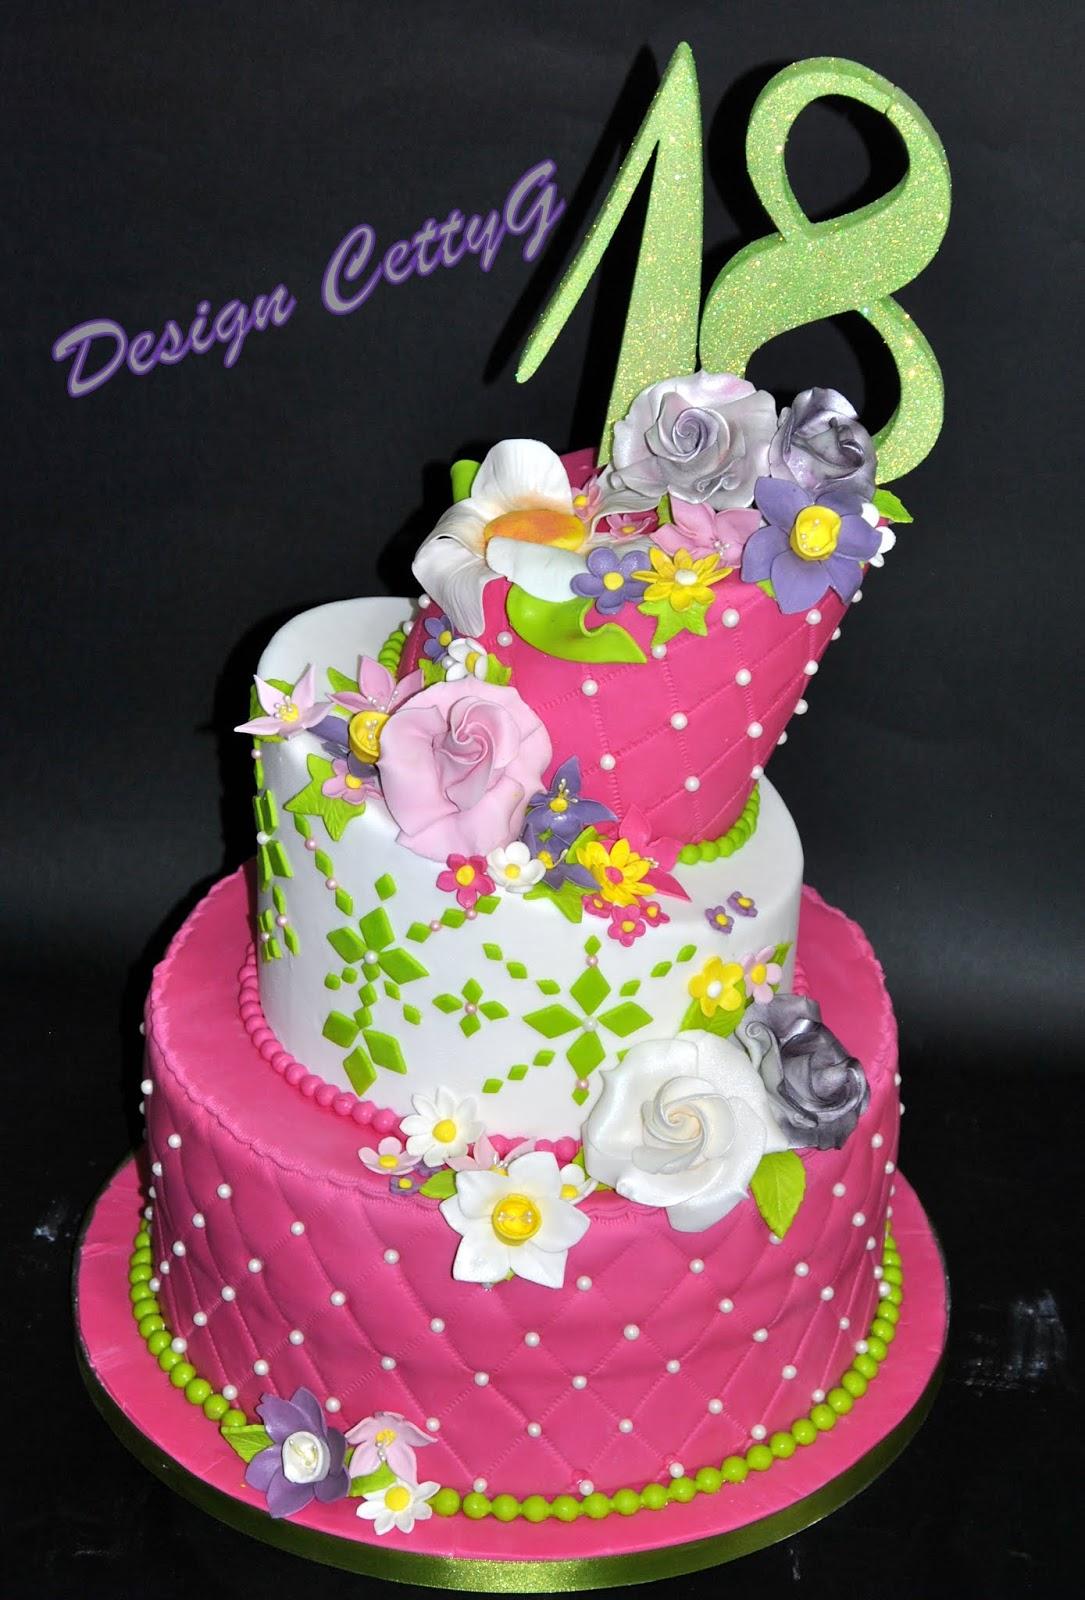 Fabuleux Le torte decorate di Cetty G: 18°Compleanno in fiore. FW57